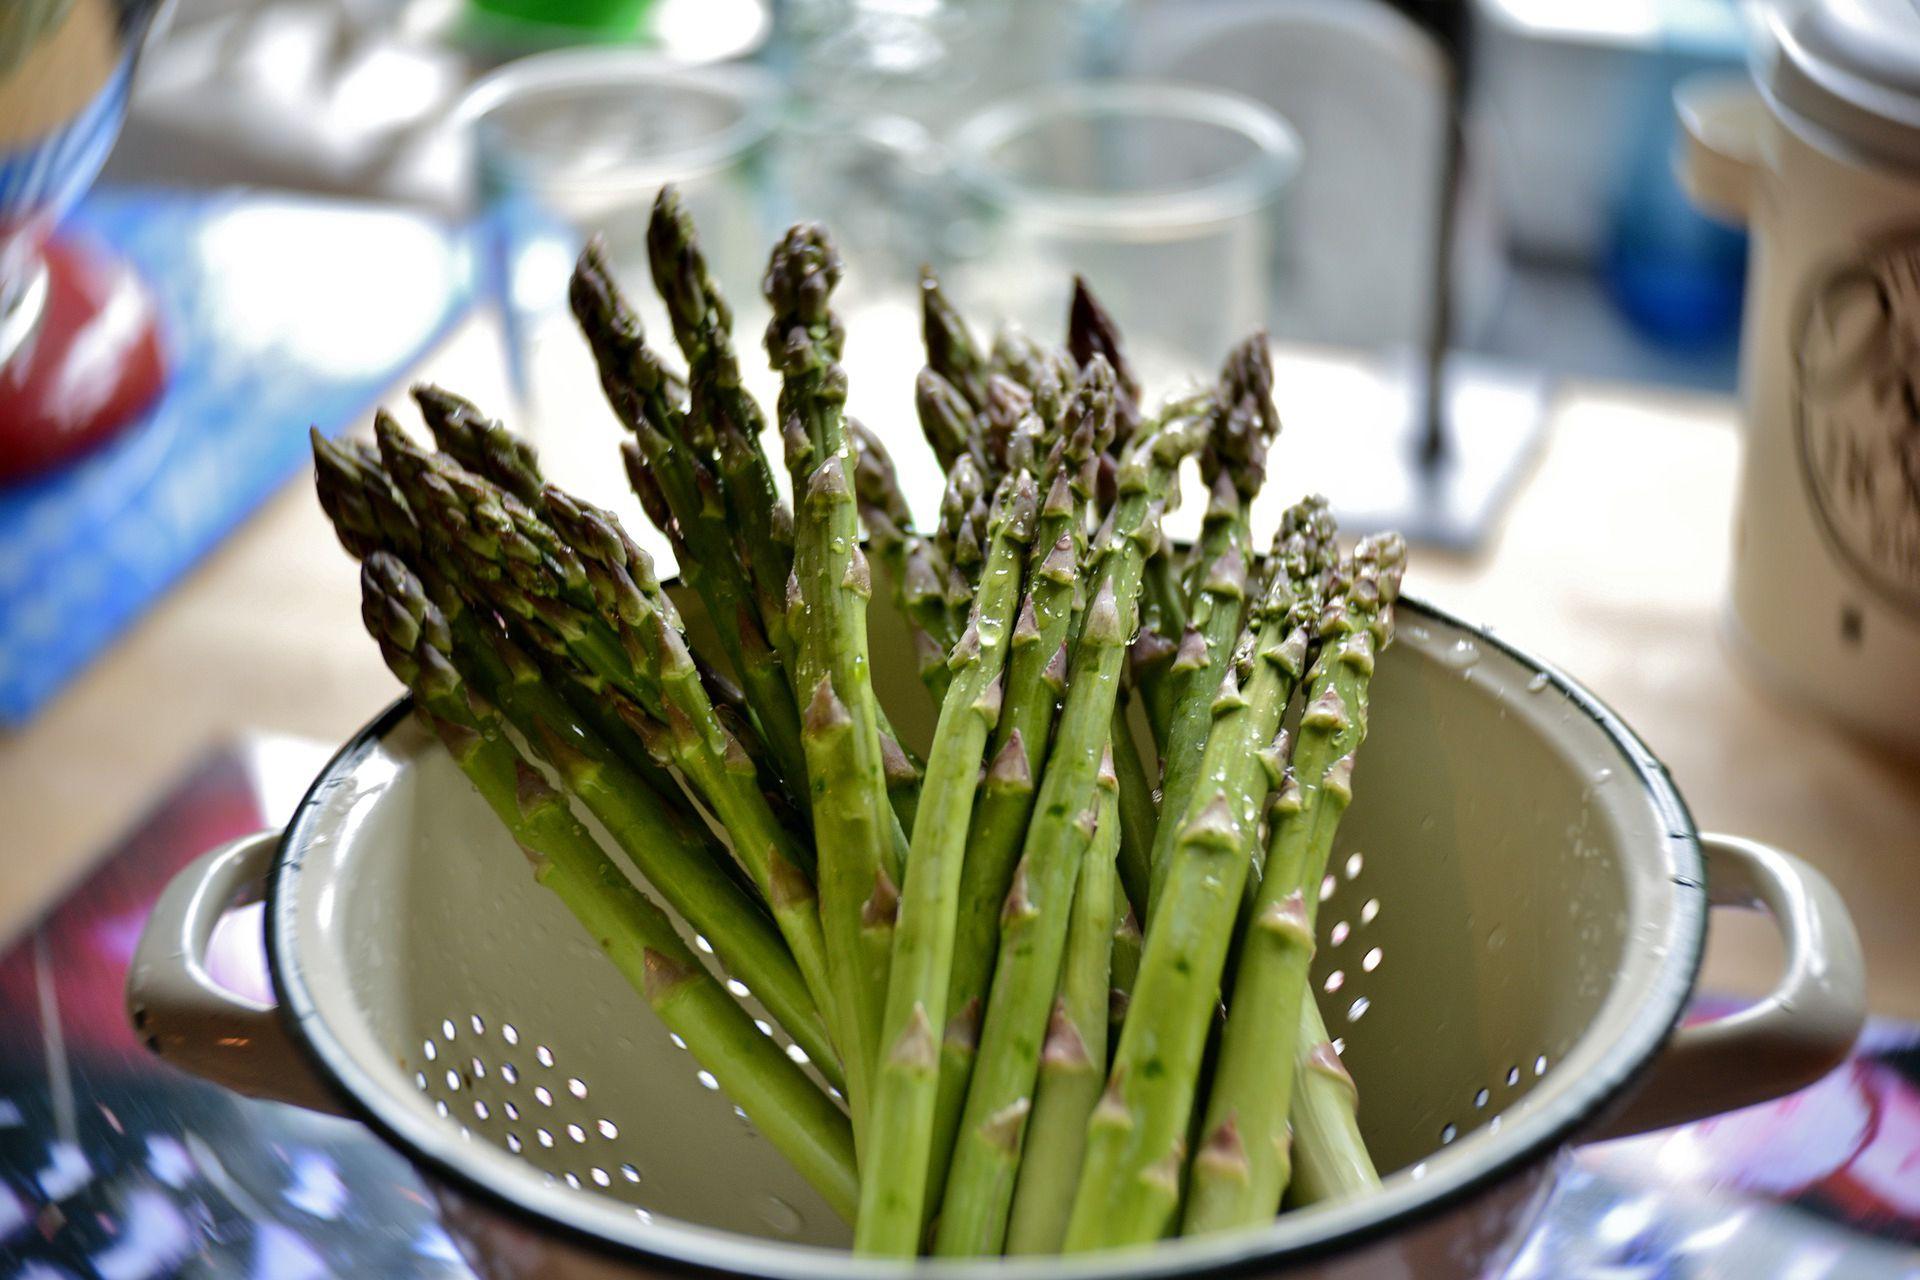 Spomladi v kuhinji uporabimo šparglje, ki so odličen prebiotik